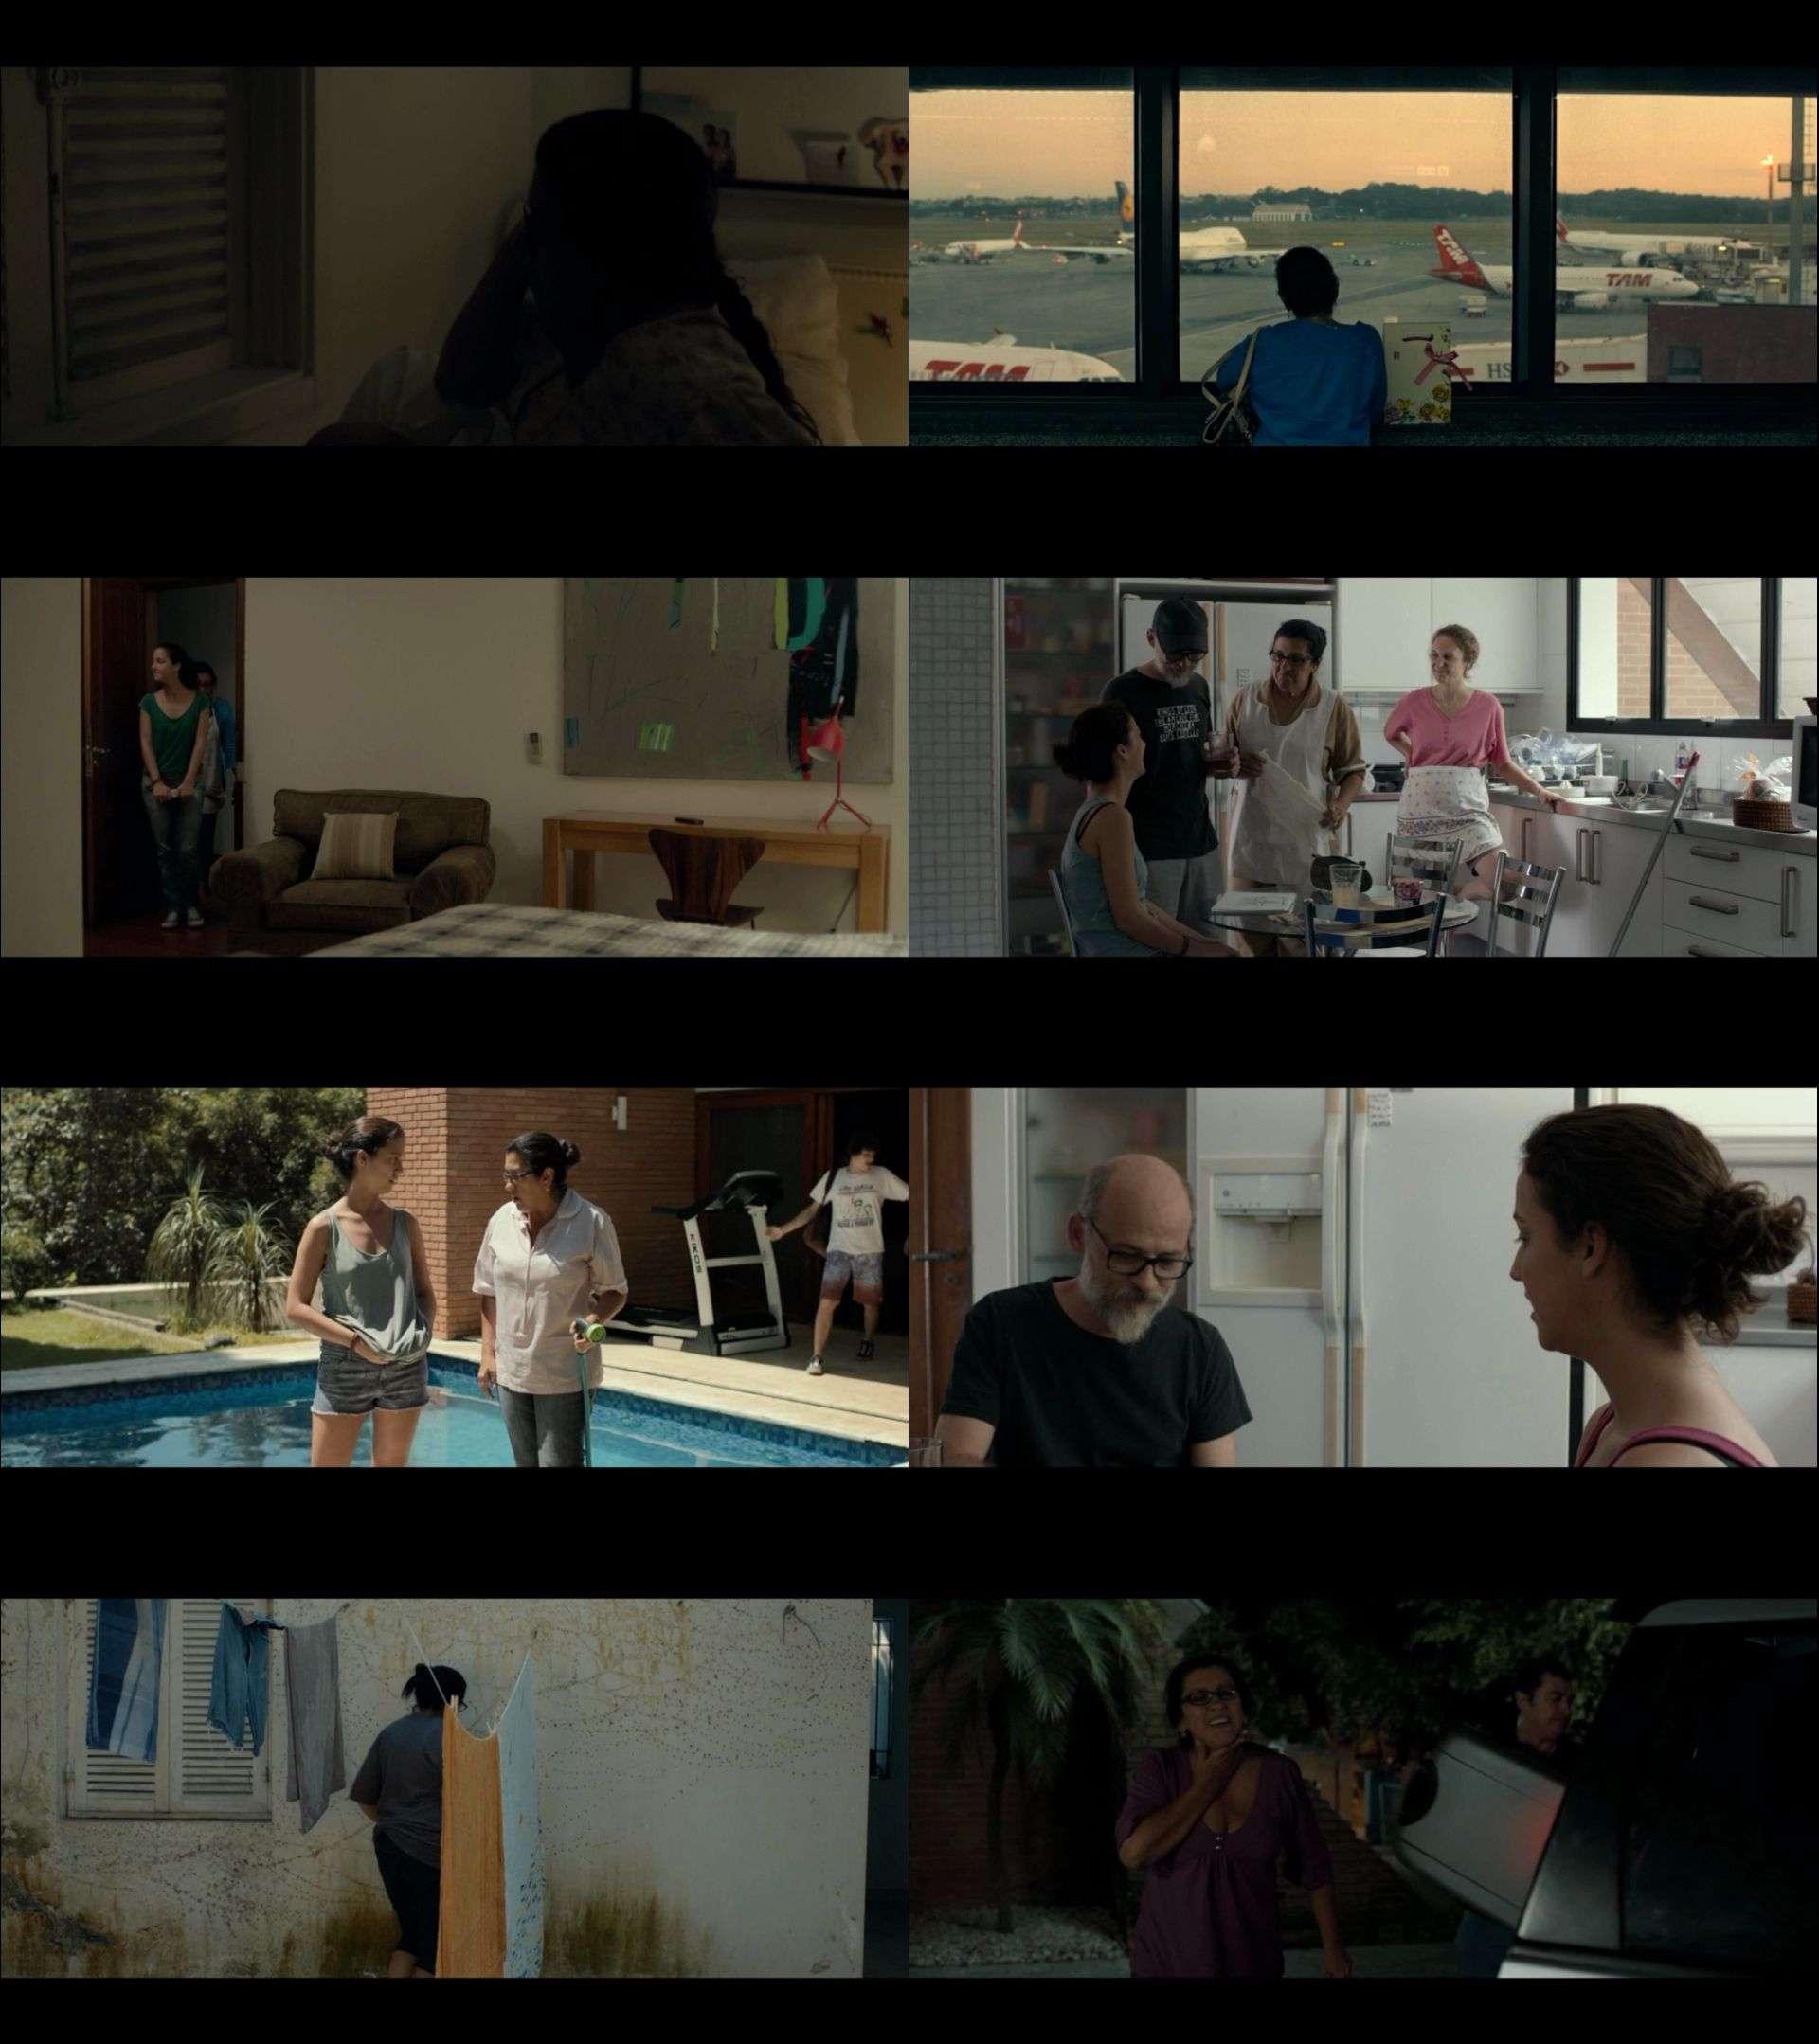 Annemle Geçen Yaz - Que Horas Ela Volta? (2015) türkçe dublaj film indir